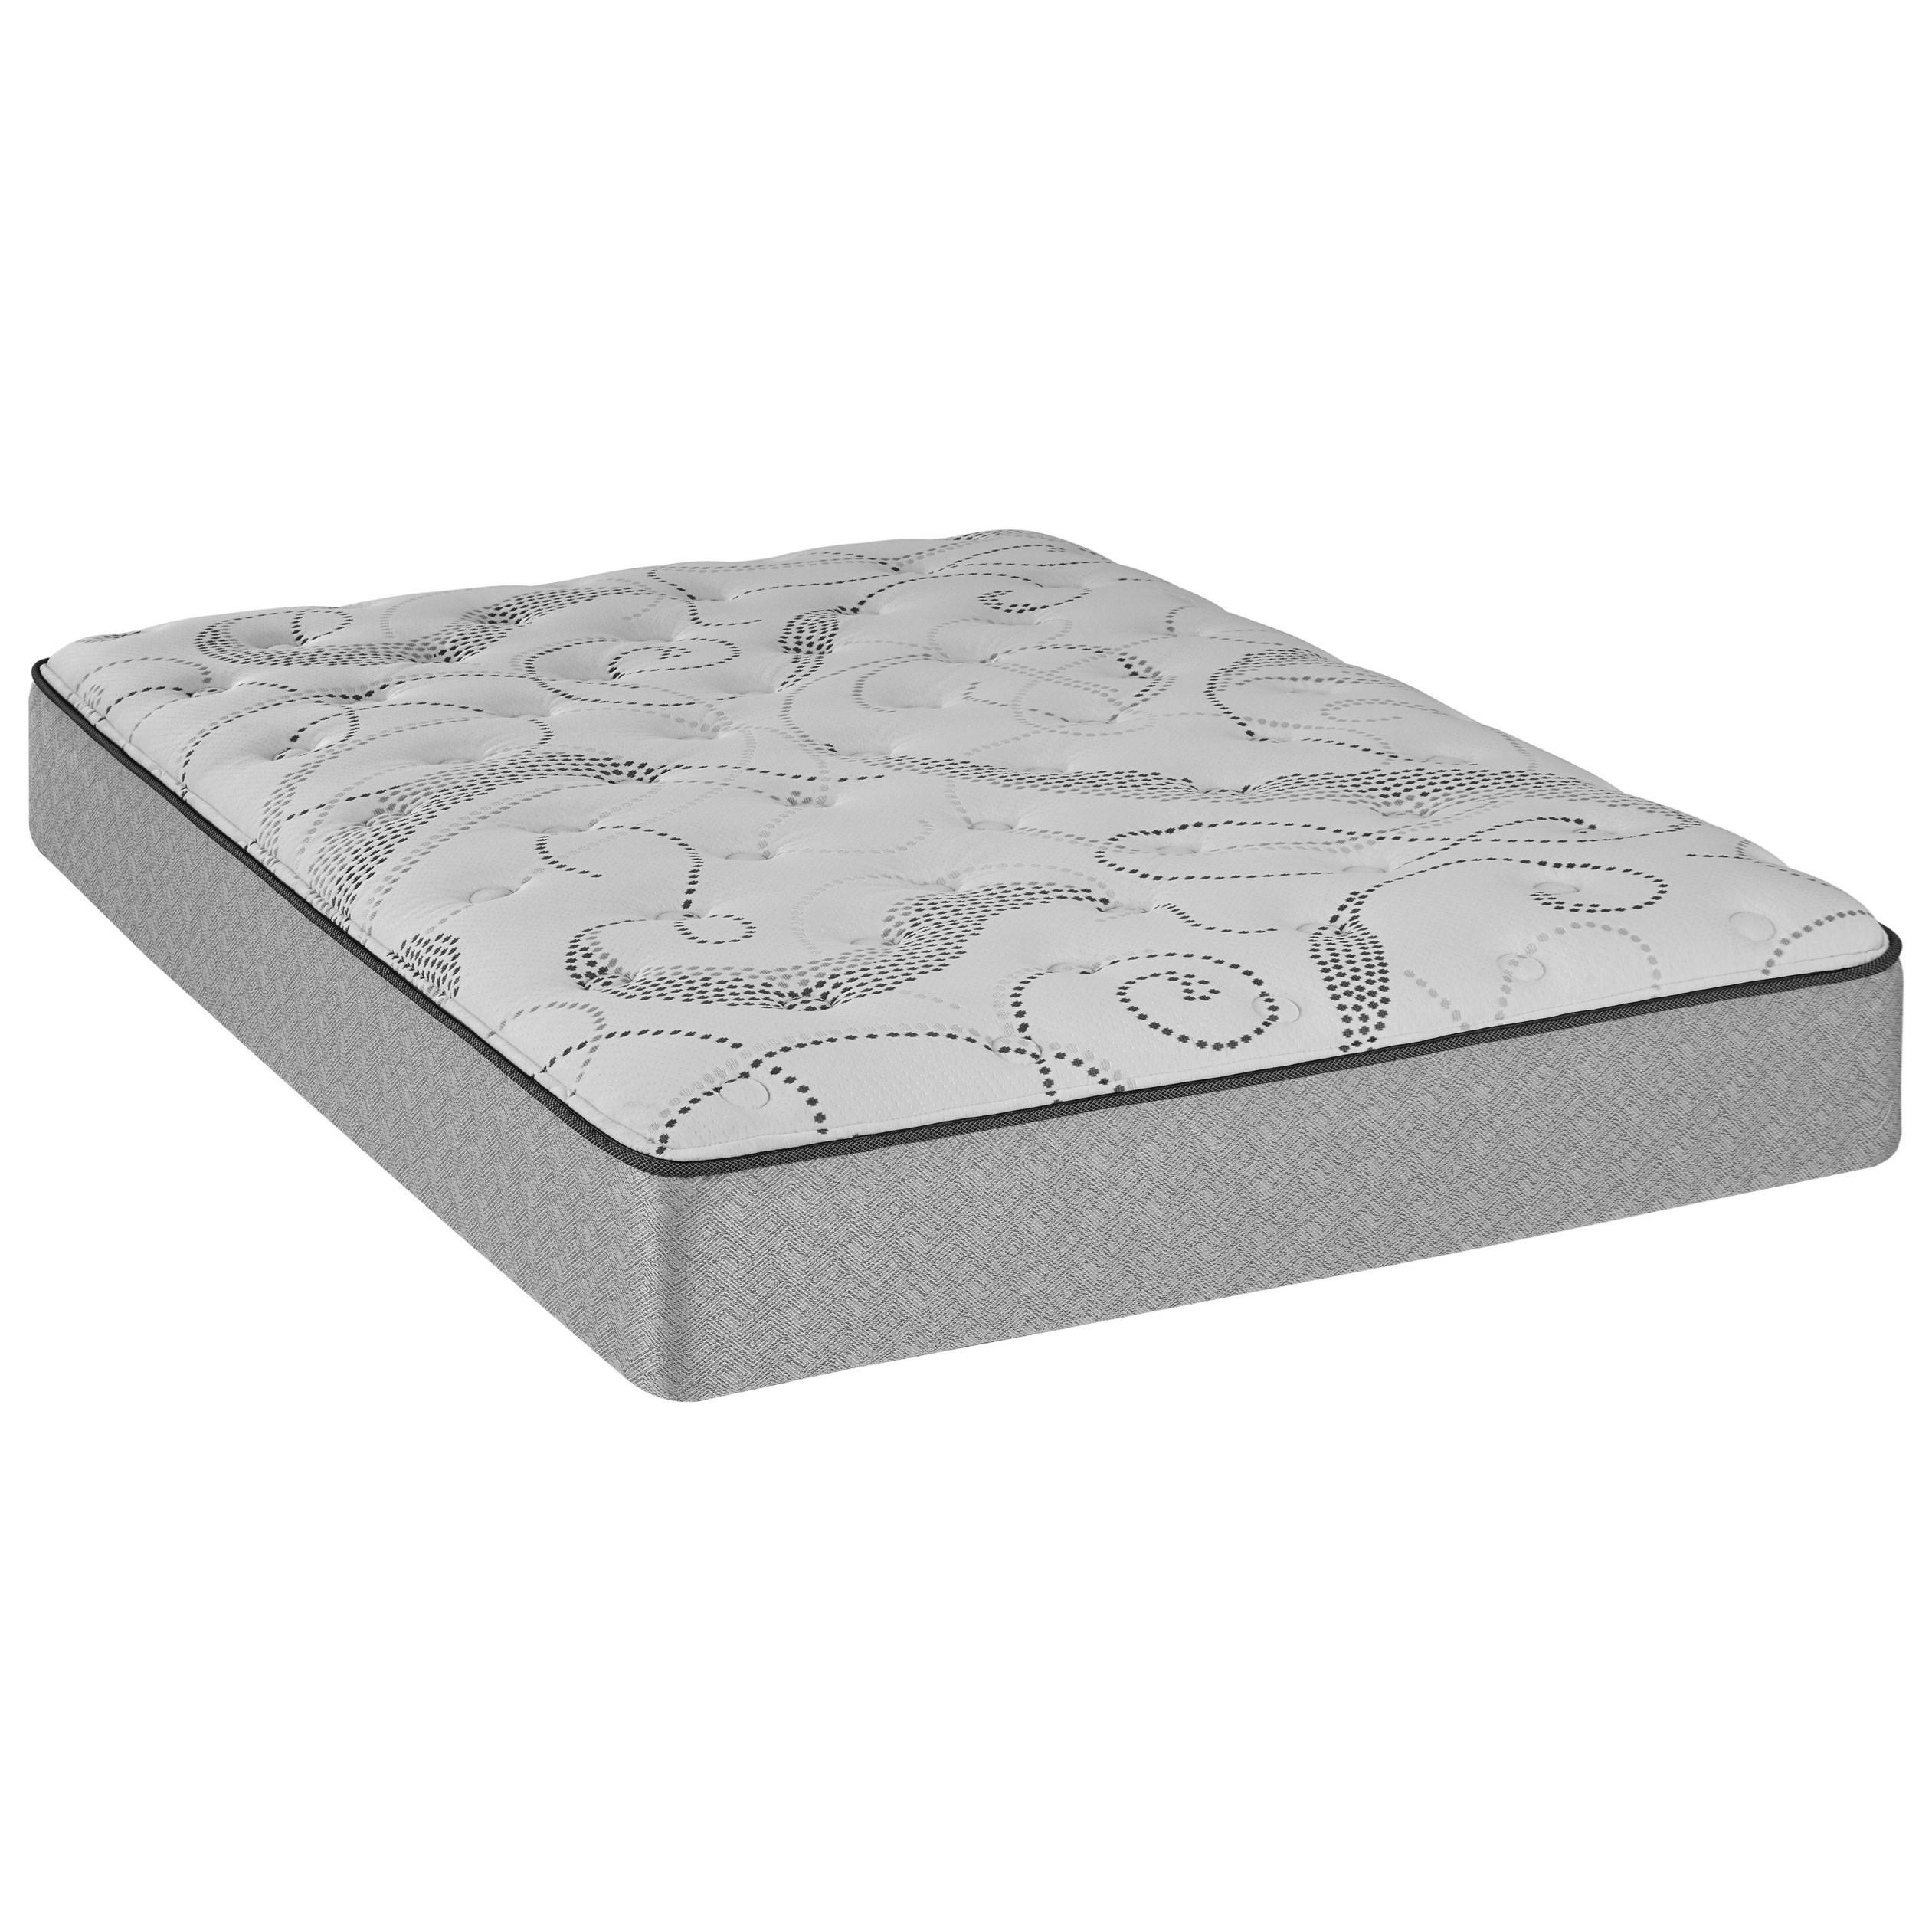 Sealy Sealy Watsonia Queen Firm Mattress - Item Number: FirmTT-Q